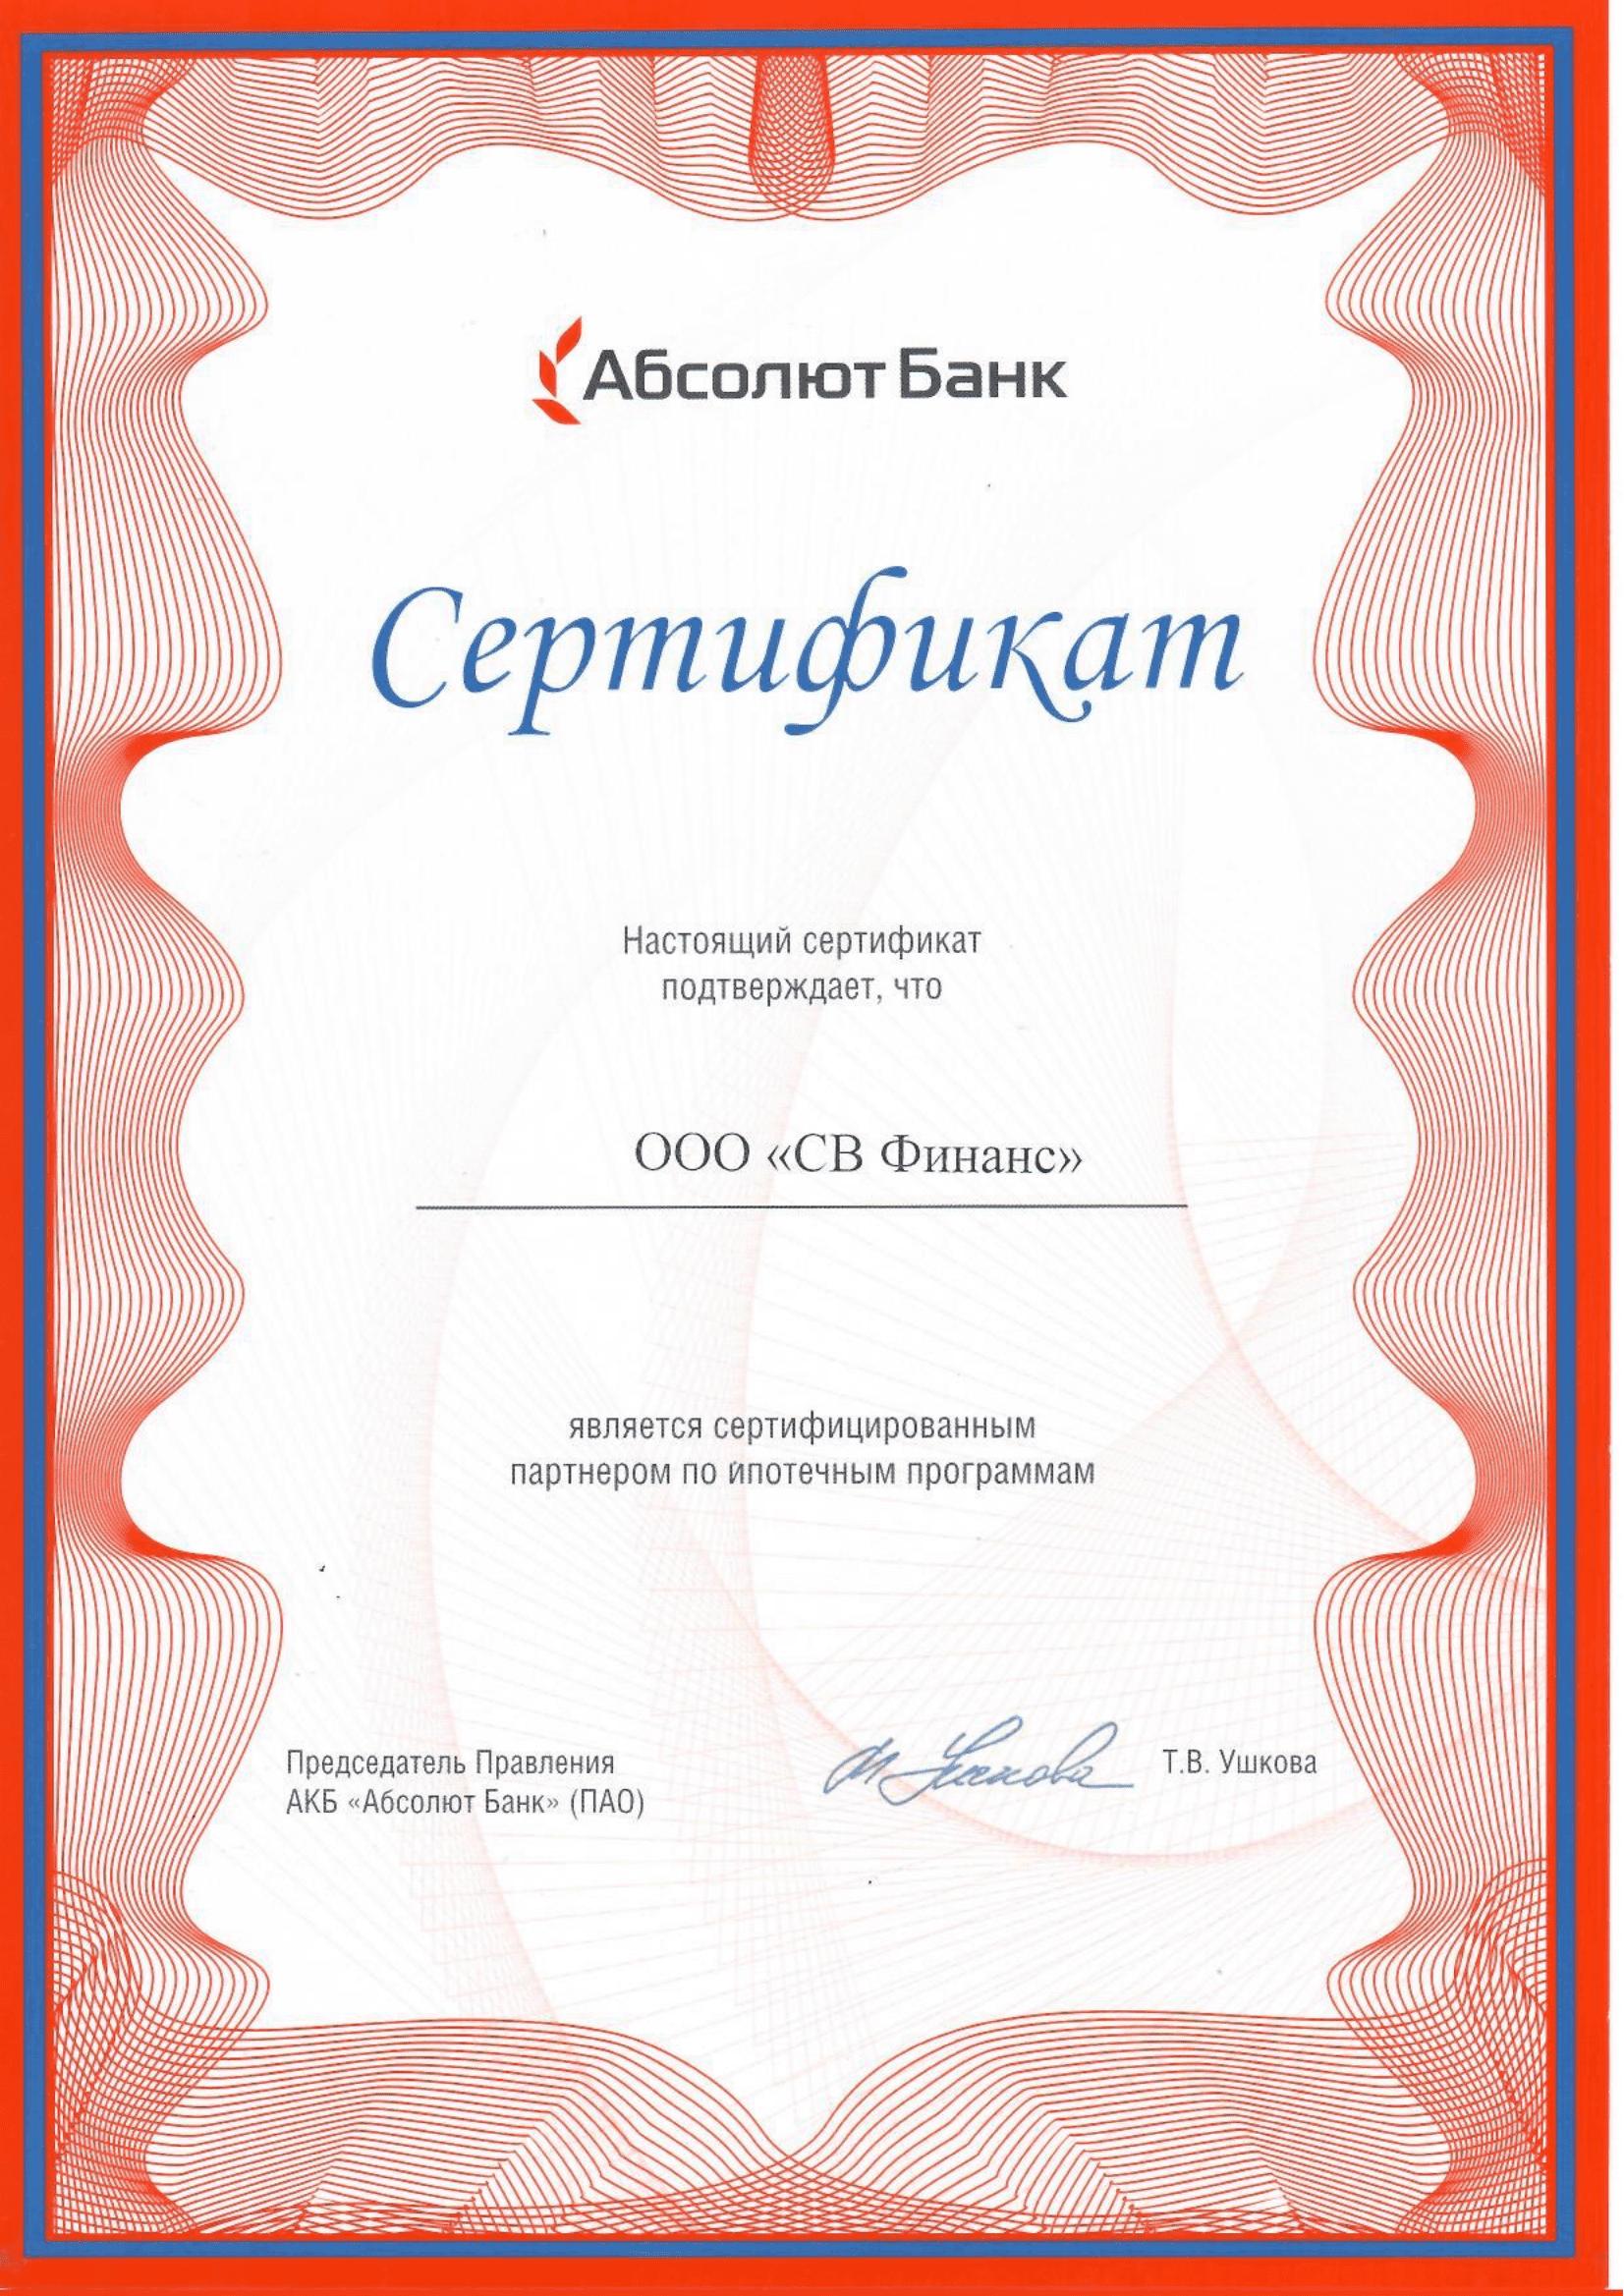 Сертификат Абсолют